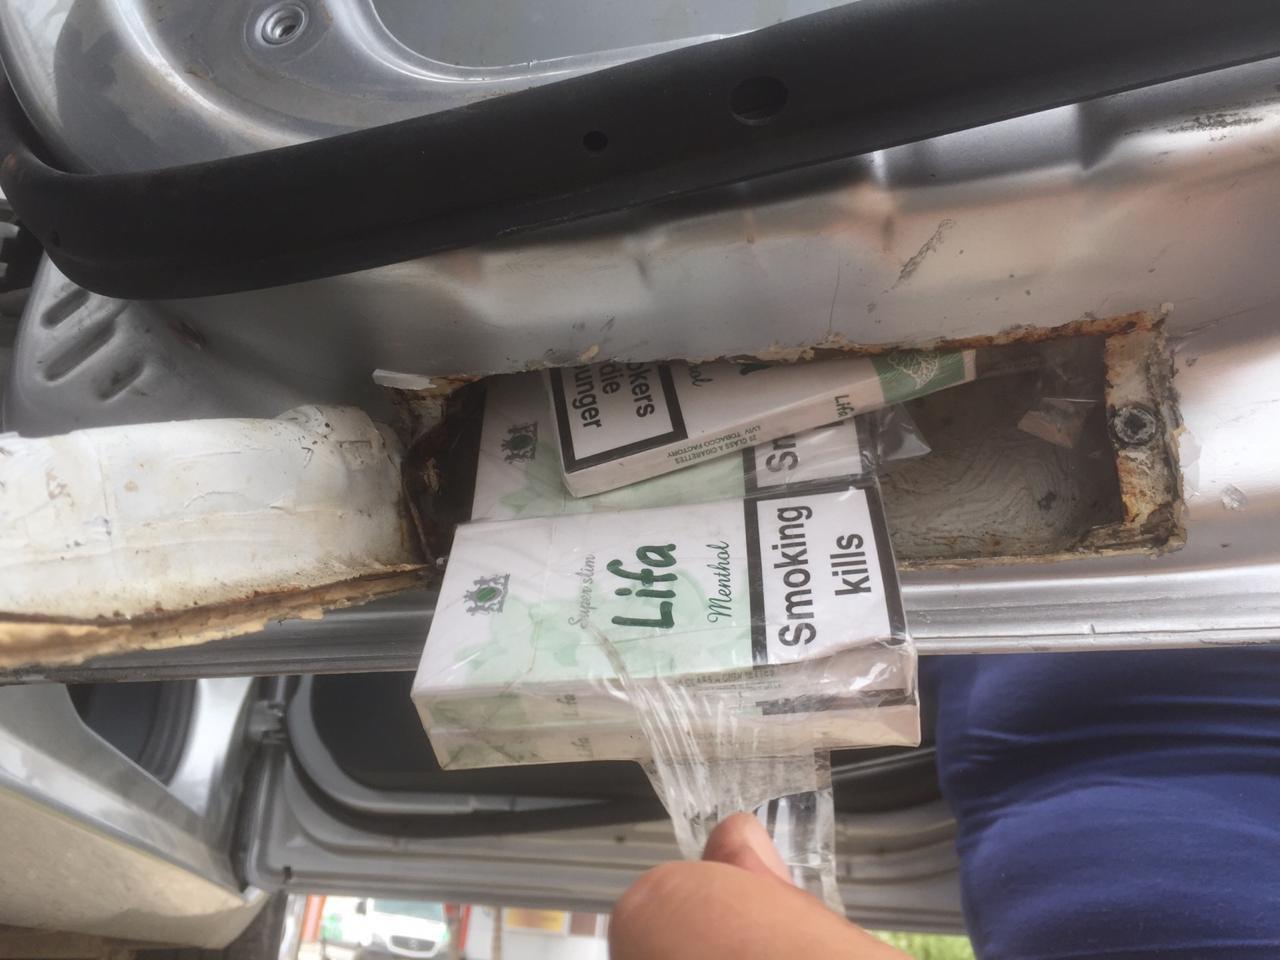 На кордоні закарпатські митники вилучили у мукачівки іномарку, в якій було приховано майже 50 блоків сигарет(ФОТО), фото-1